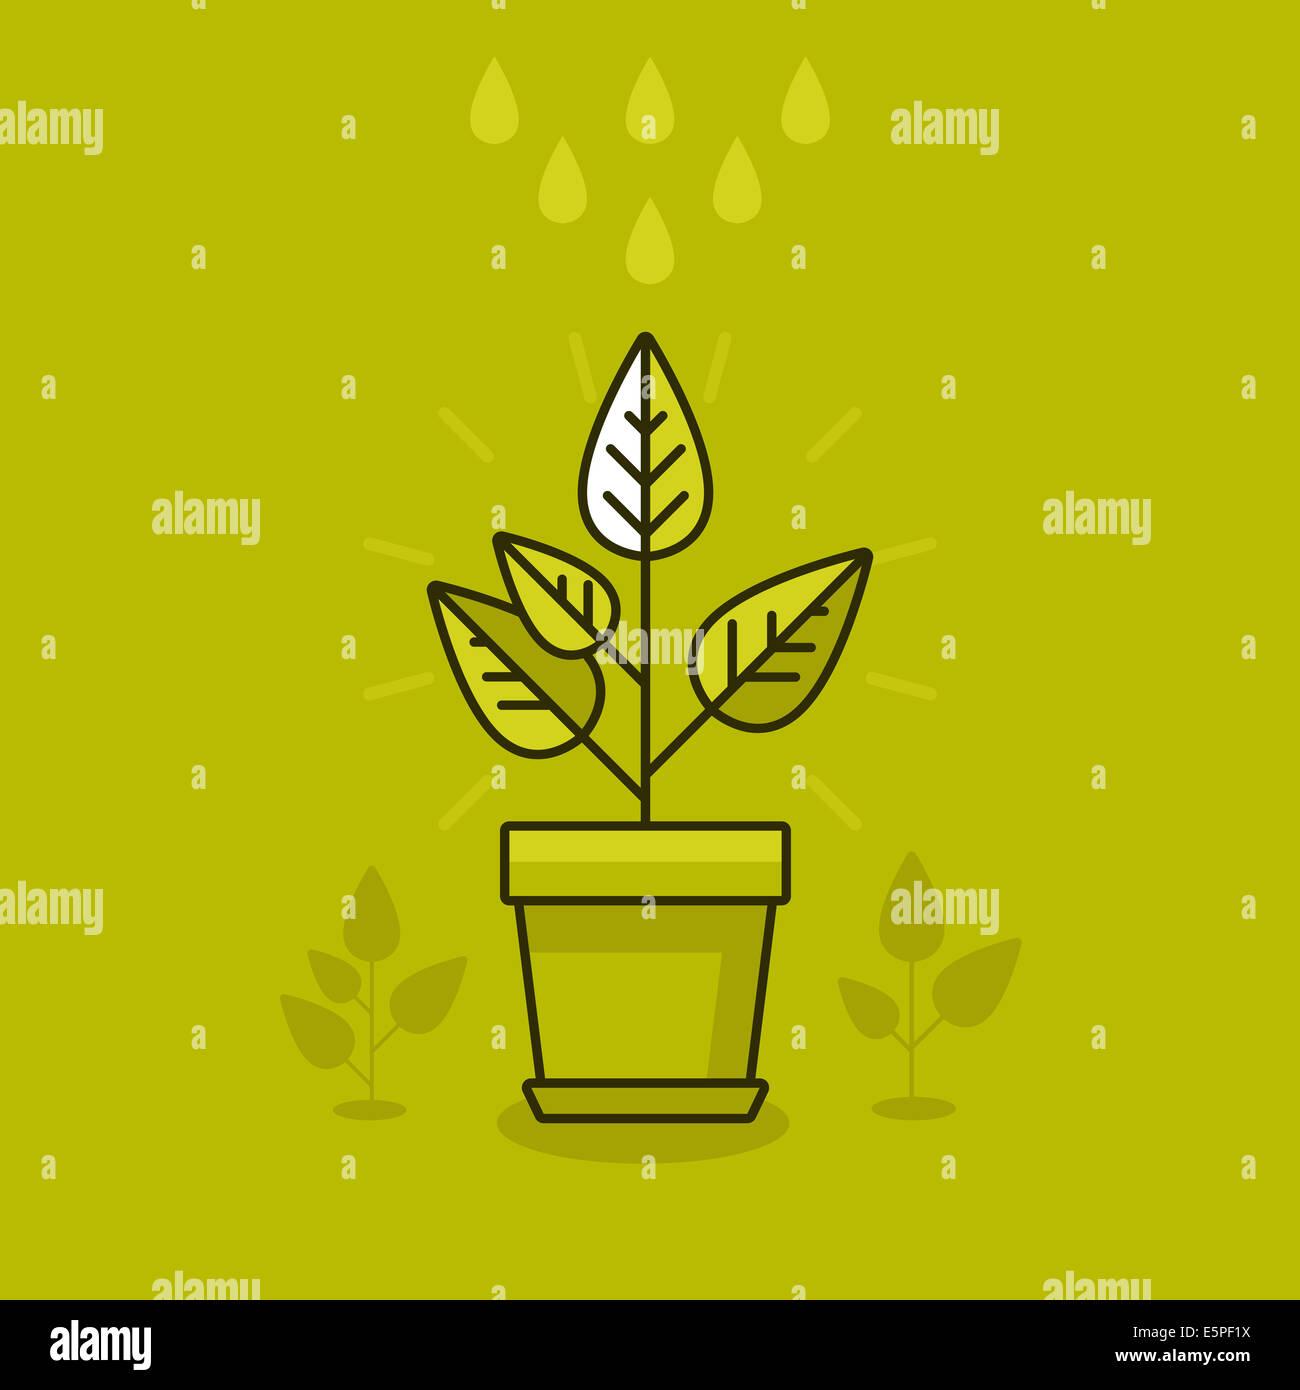 Abstrakte Wachstum Konzept - neue Pflanze im Topf - Symbol im flachen Stil Stockfoto